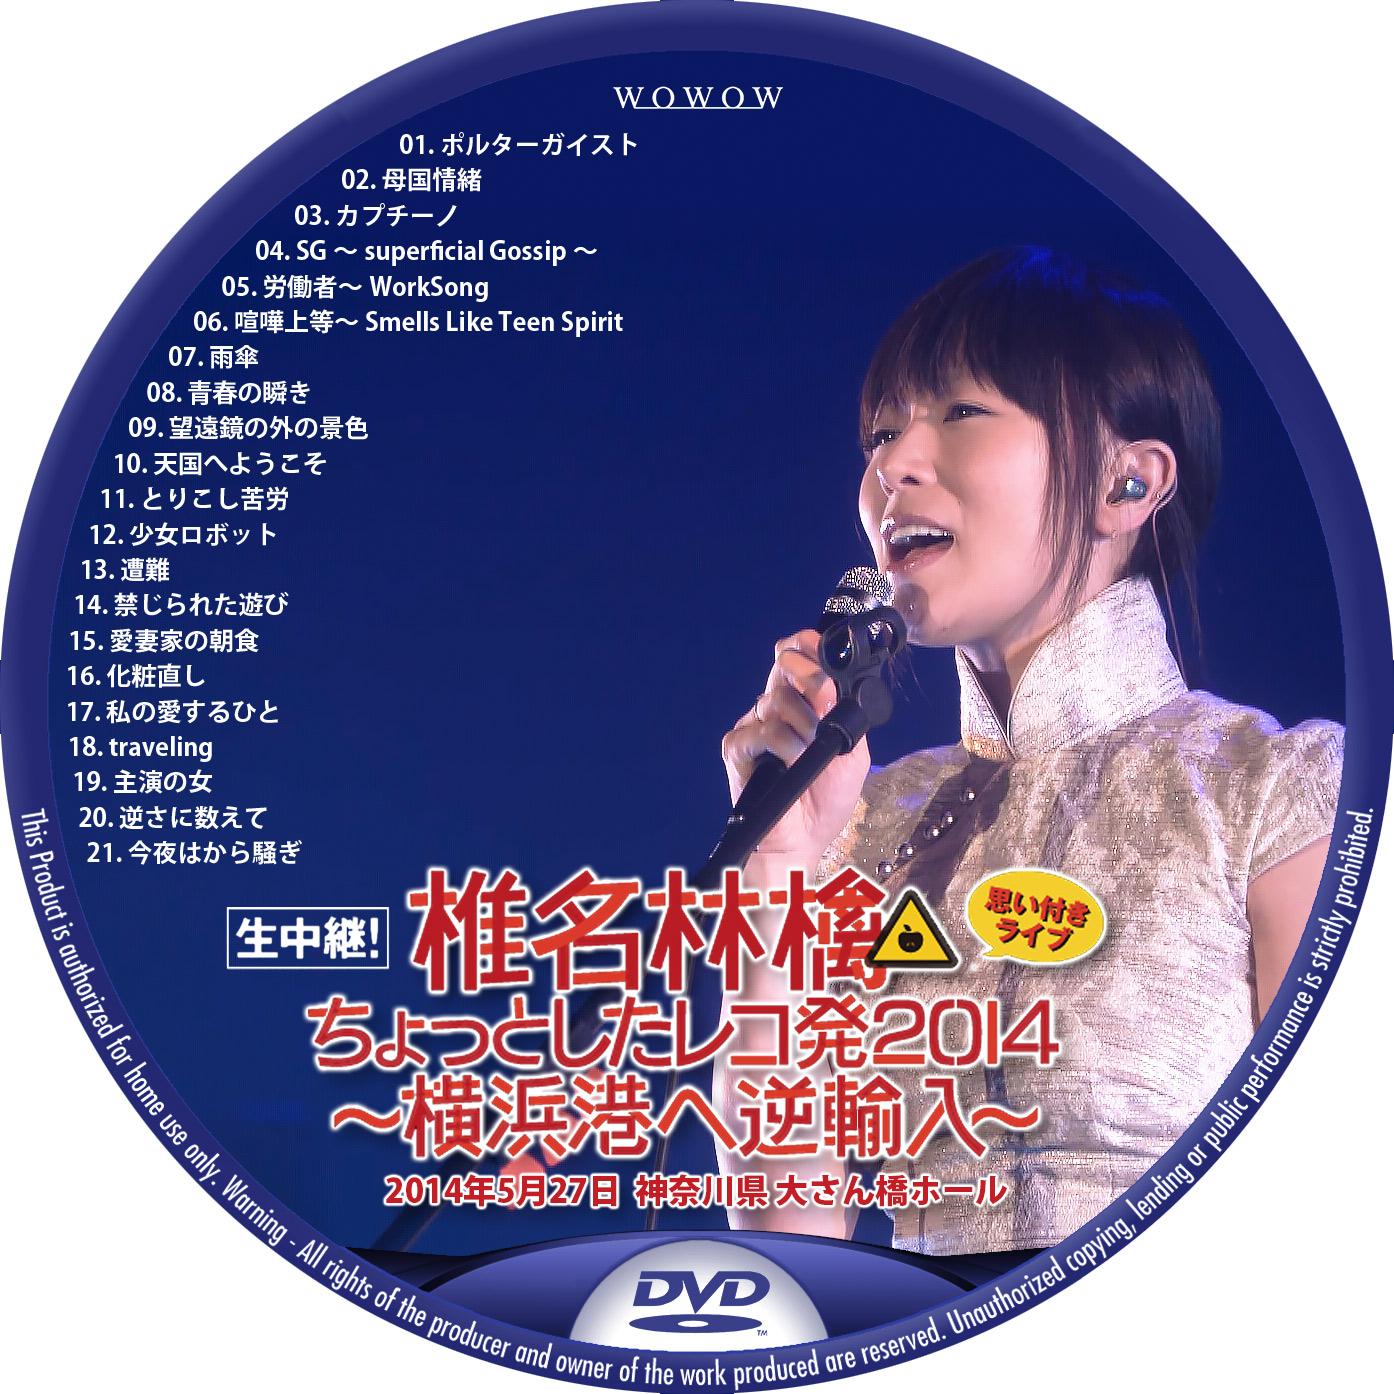 椎名林檎 レコ発2014 DVDラベル